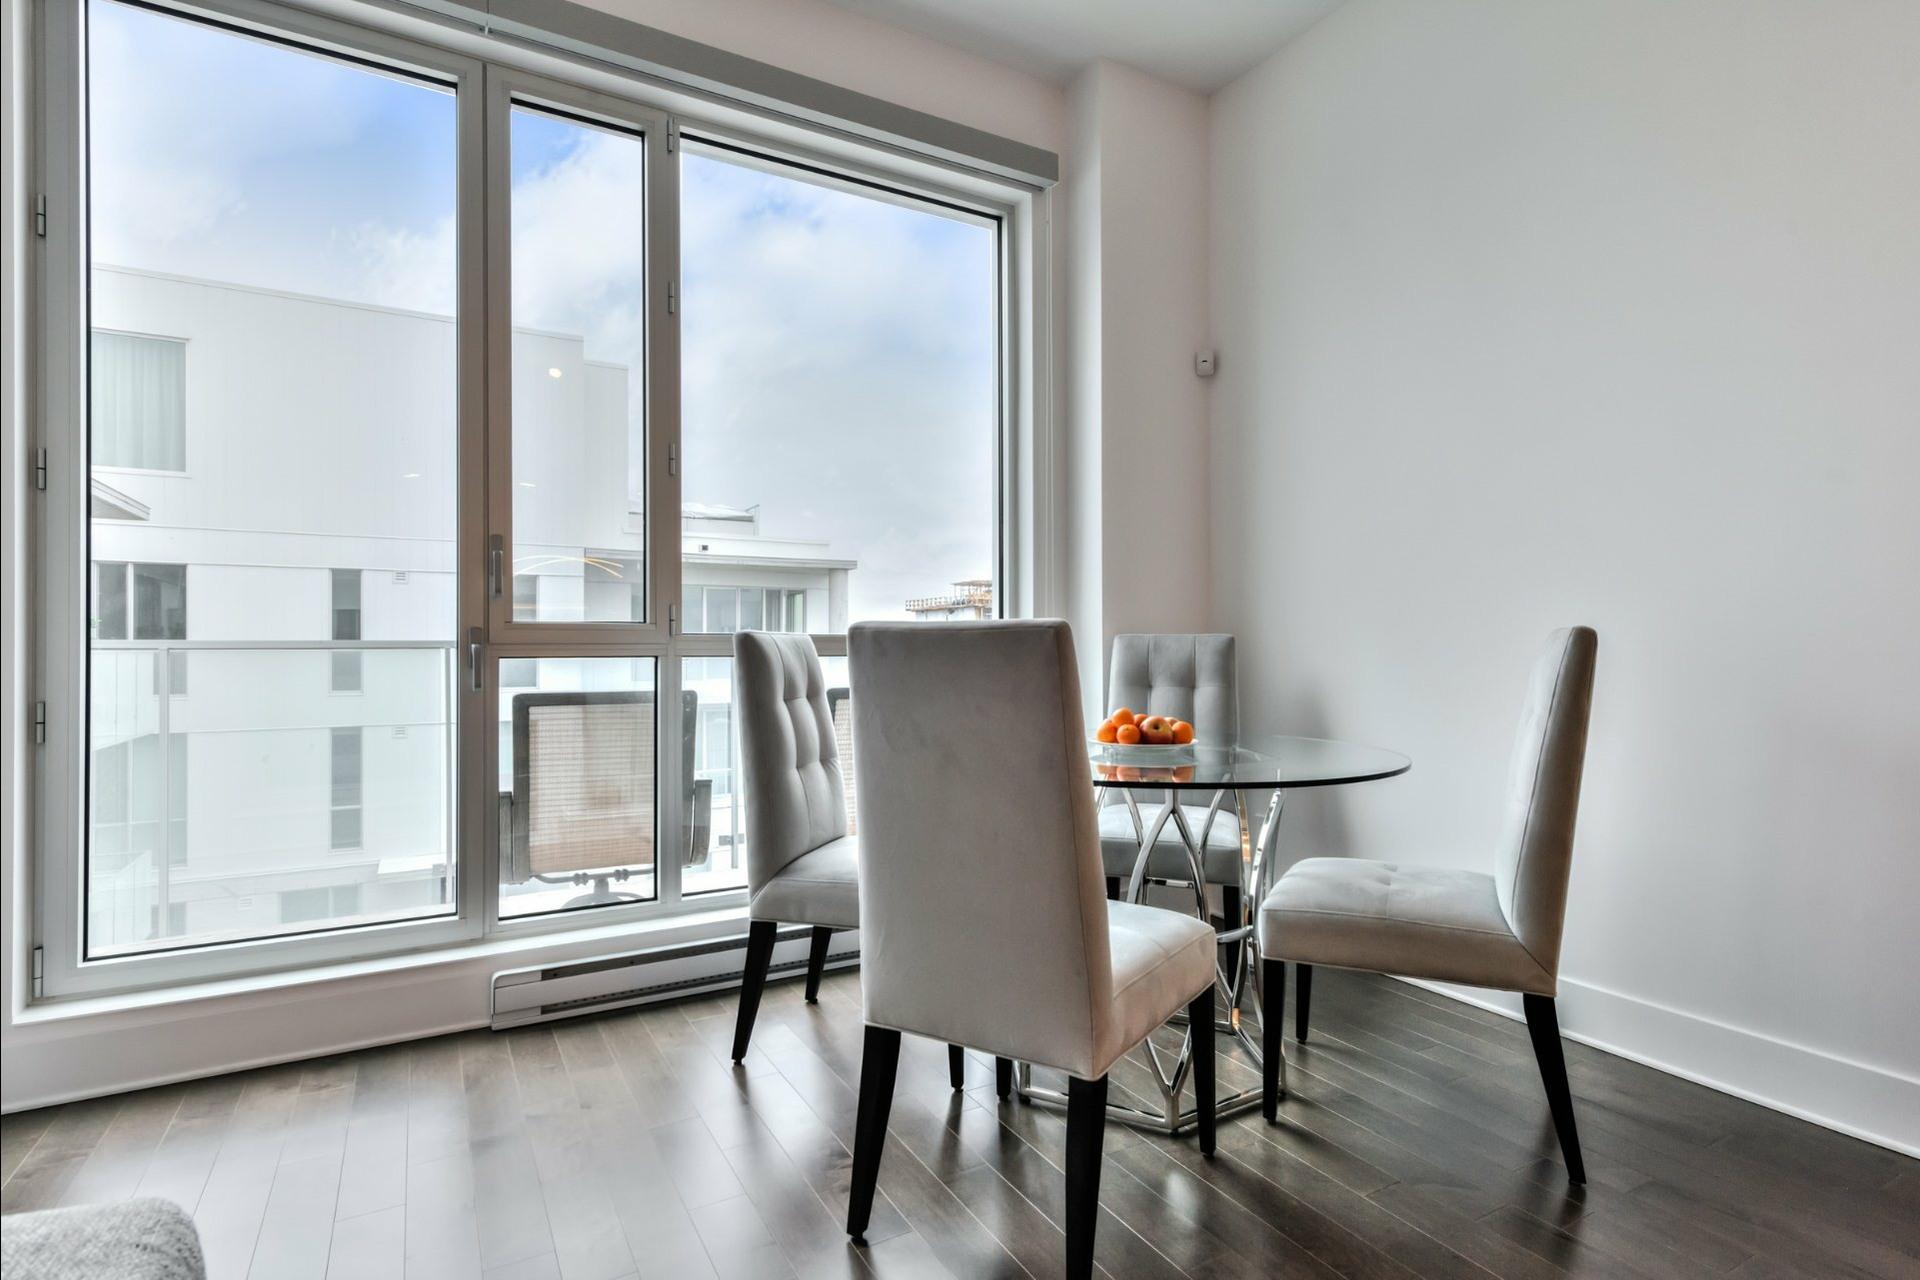 image 13 - 公寓 出售 Côte-des-Neiges/Notre-Dame-de-Grâce Montréal  - 4 室